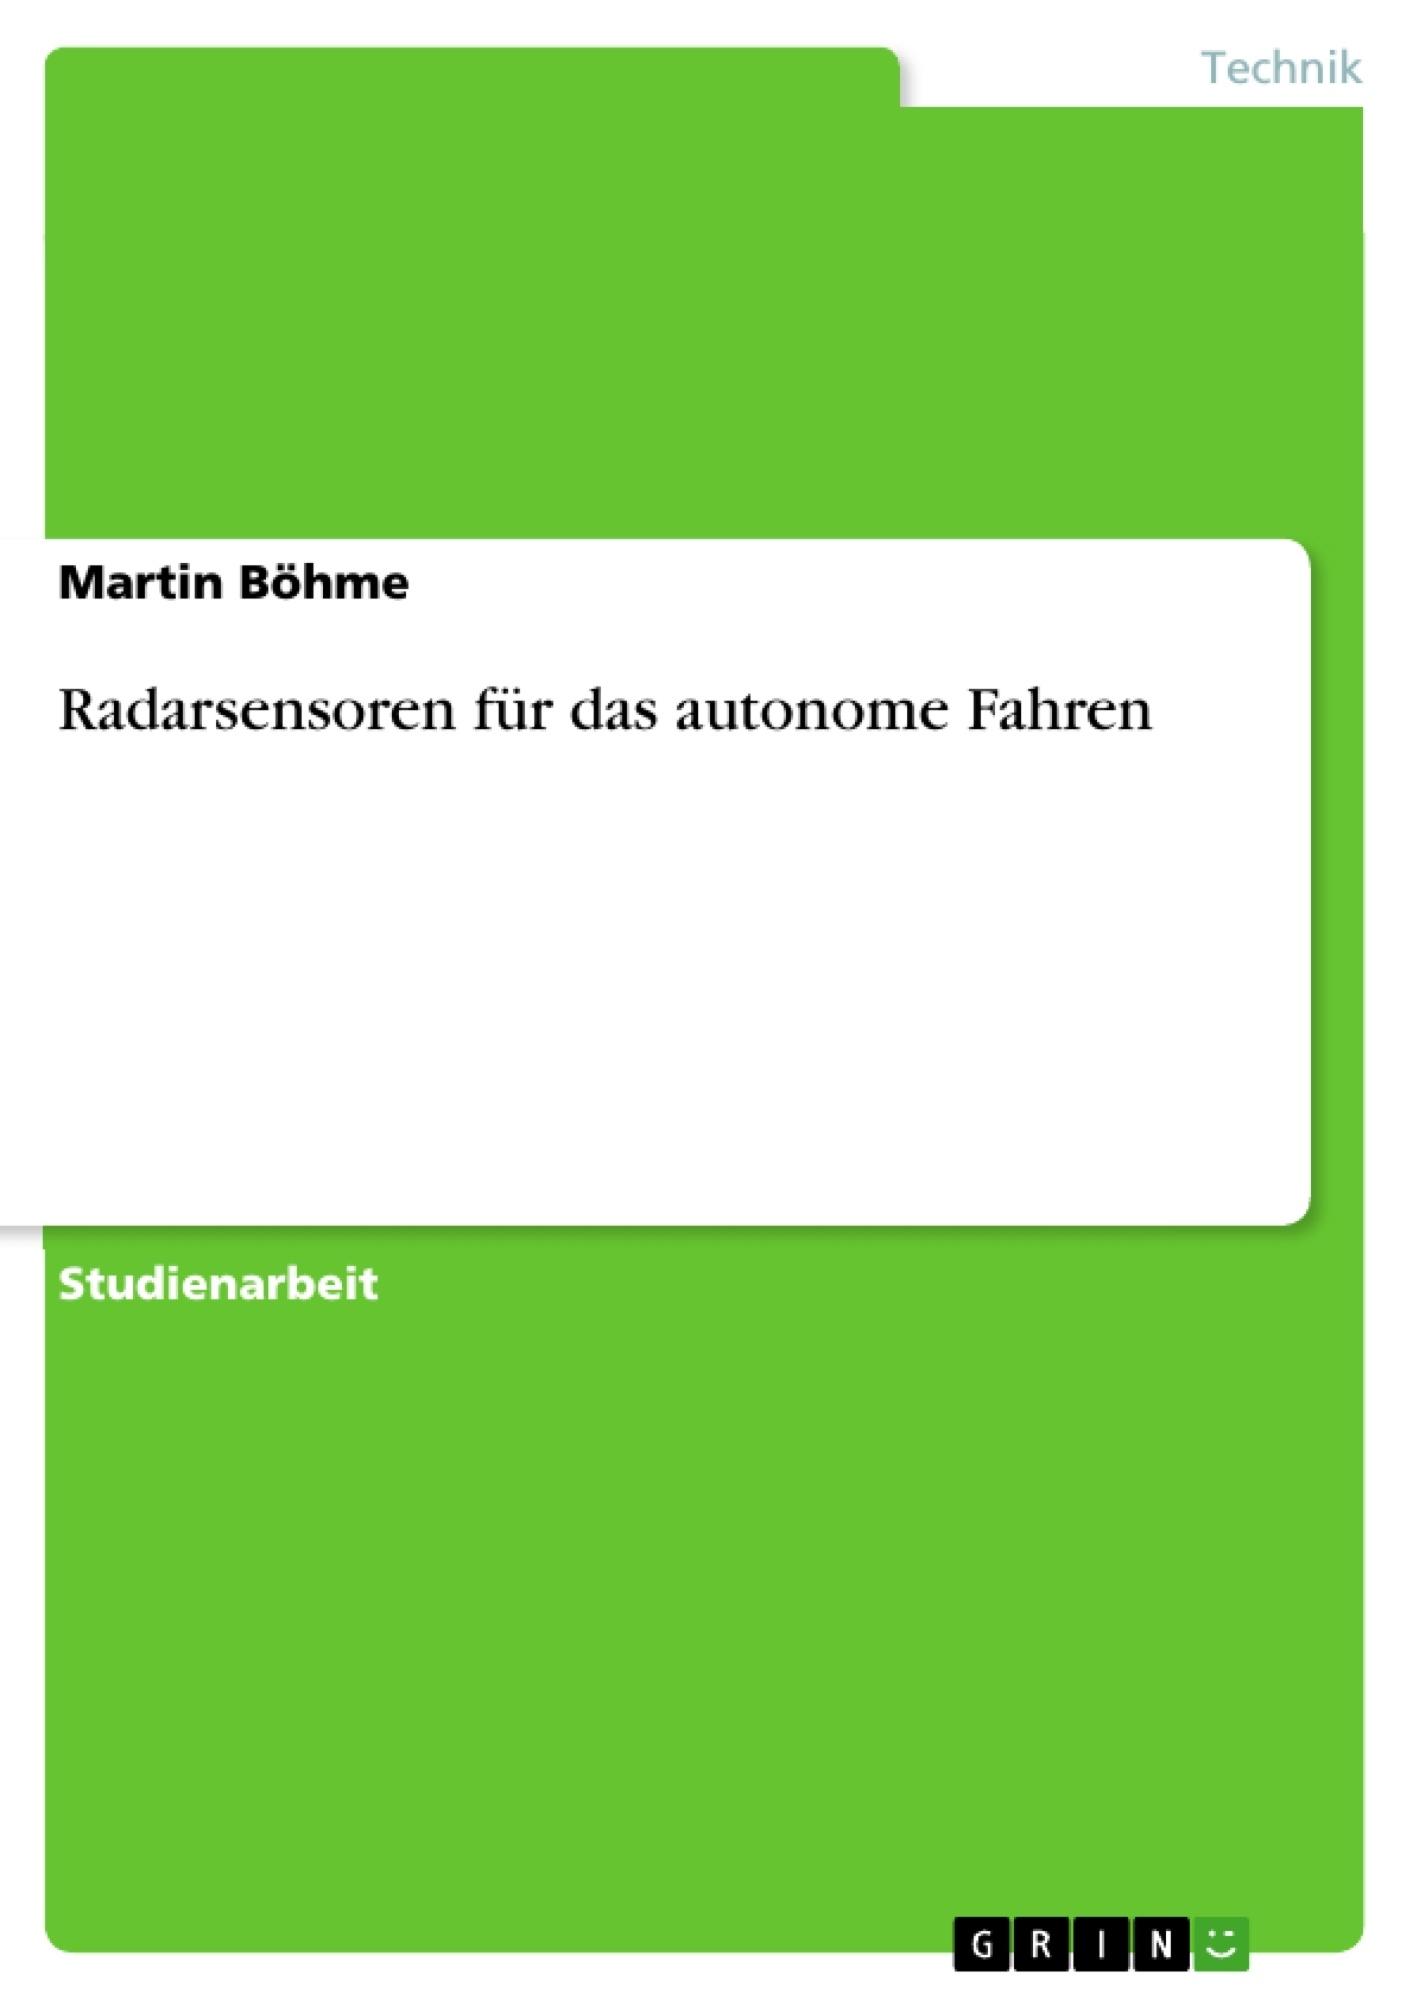 Titel: Radarsensoren für das autonome Fahren